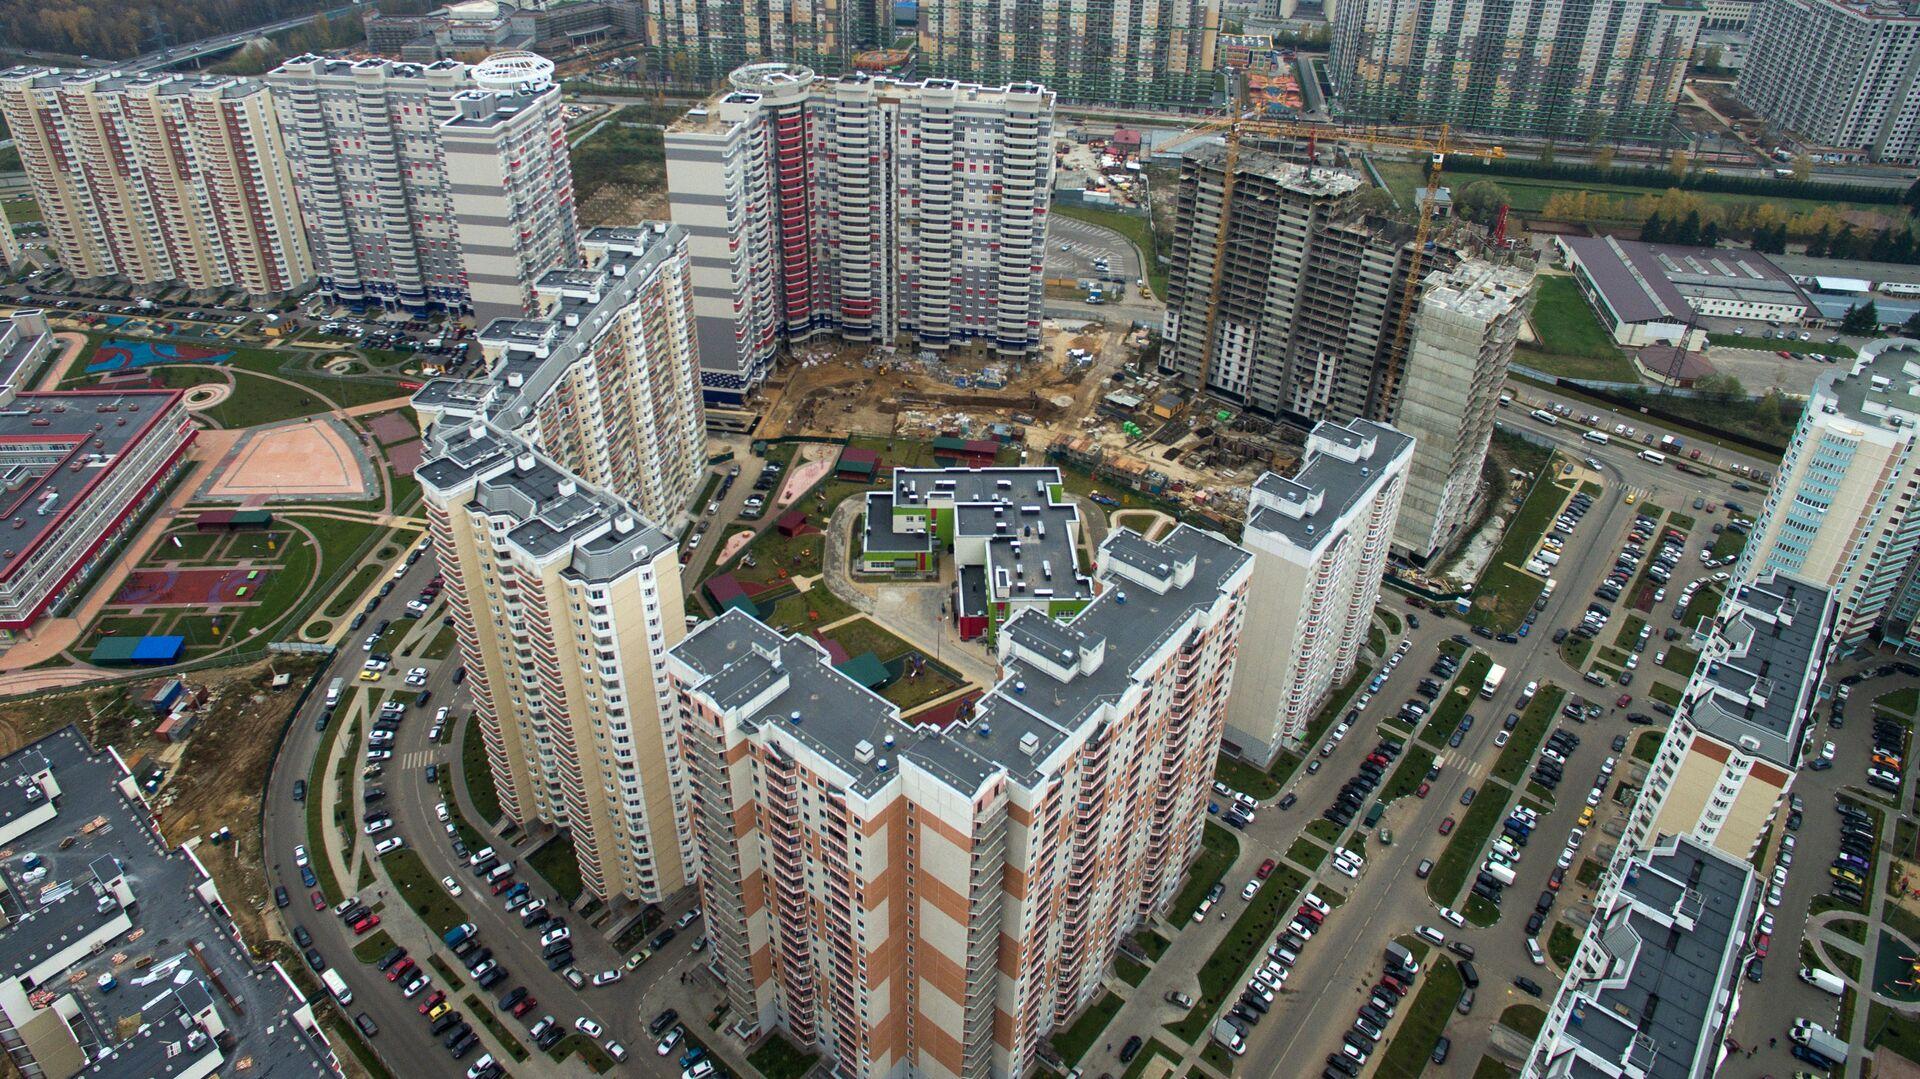 Строительство новых жилых кварталов в Подмосковье - РИА Новости, 1920, 03.06.2021